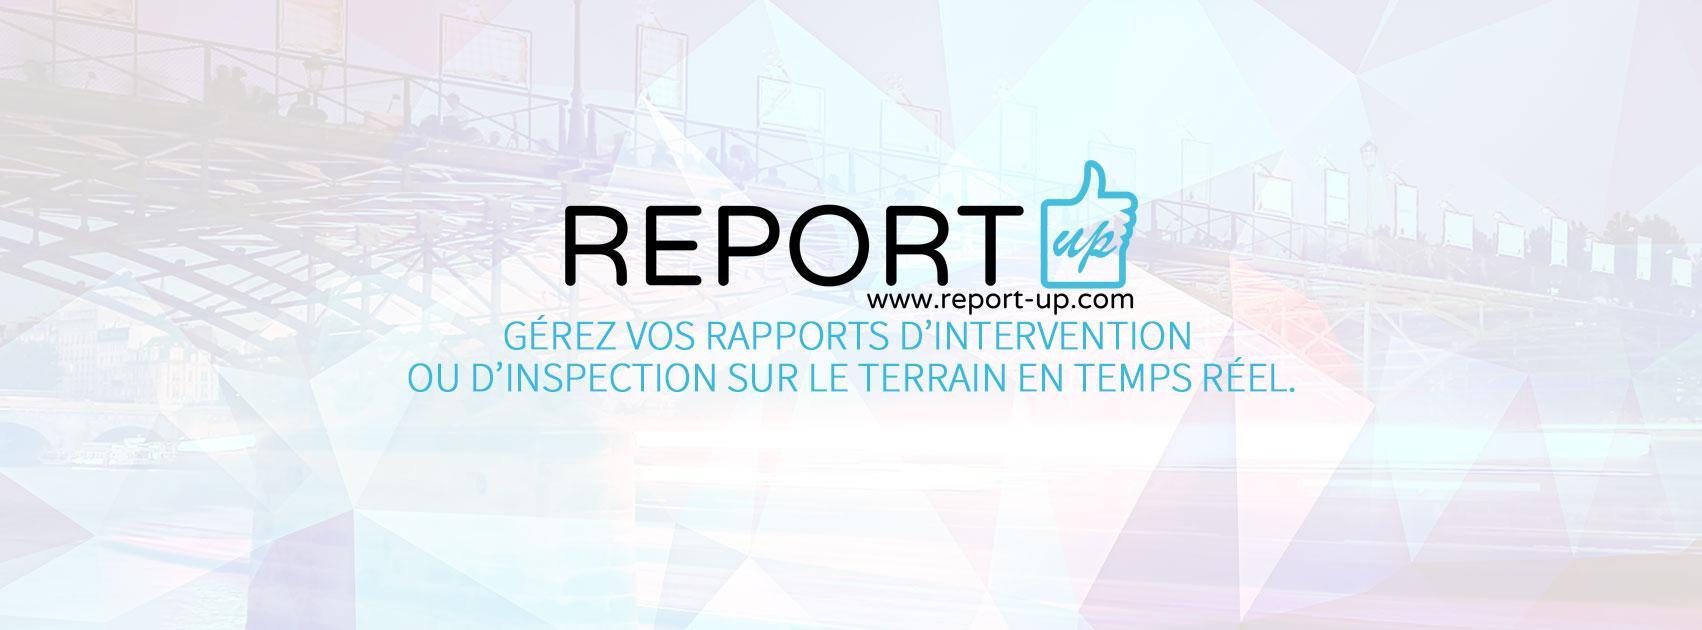 Avis Report-Up : GÉREZ VOS RAPPORTS SUR LE TERRAIN EN TEMPS RÉEL - Appvizer